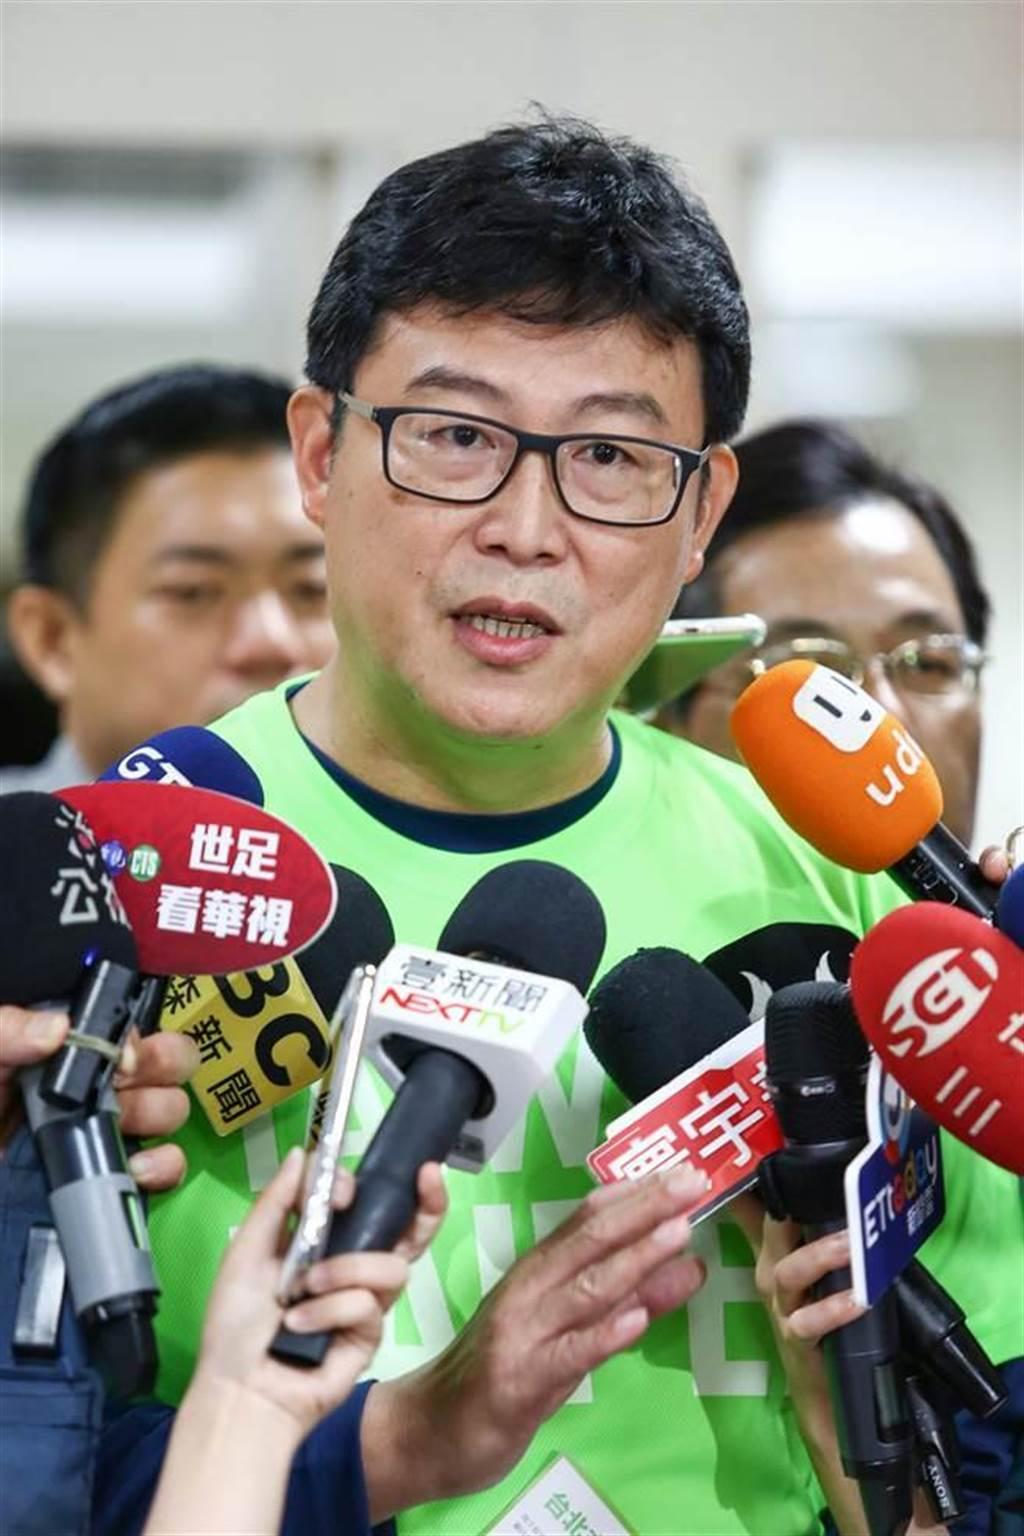 民進黨台北市長候選人、立委姚文智昨(17日)出席時代力量台北市議員蕭新晟的開幕茶會,並致詞表示「大綠(民進黨)、小綠(時代力量)要團結」的口號,更指出所謂的「綠」不是「意識形態」,而是「台灣價值」。(鄧博仁攝)